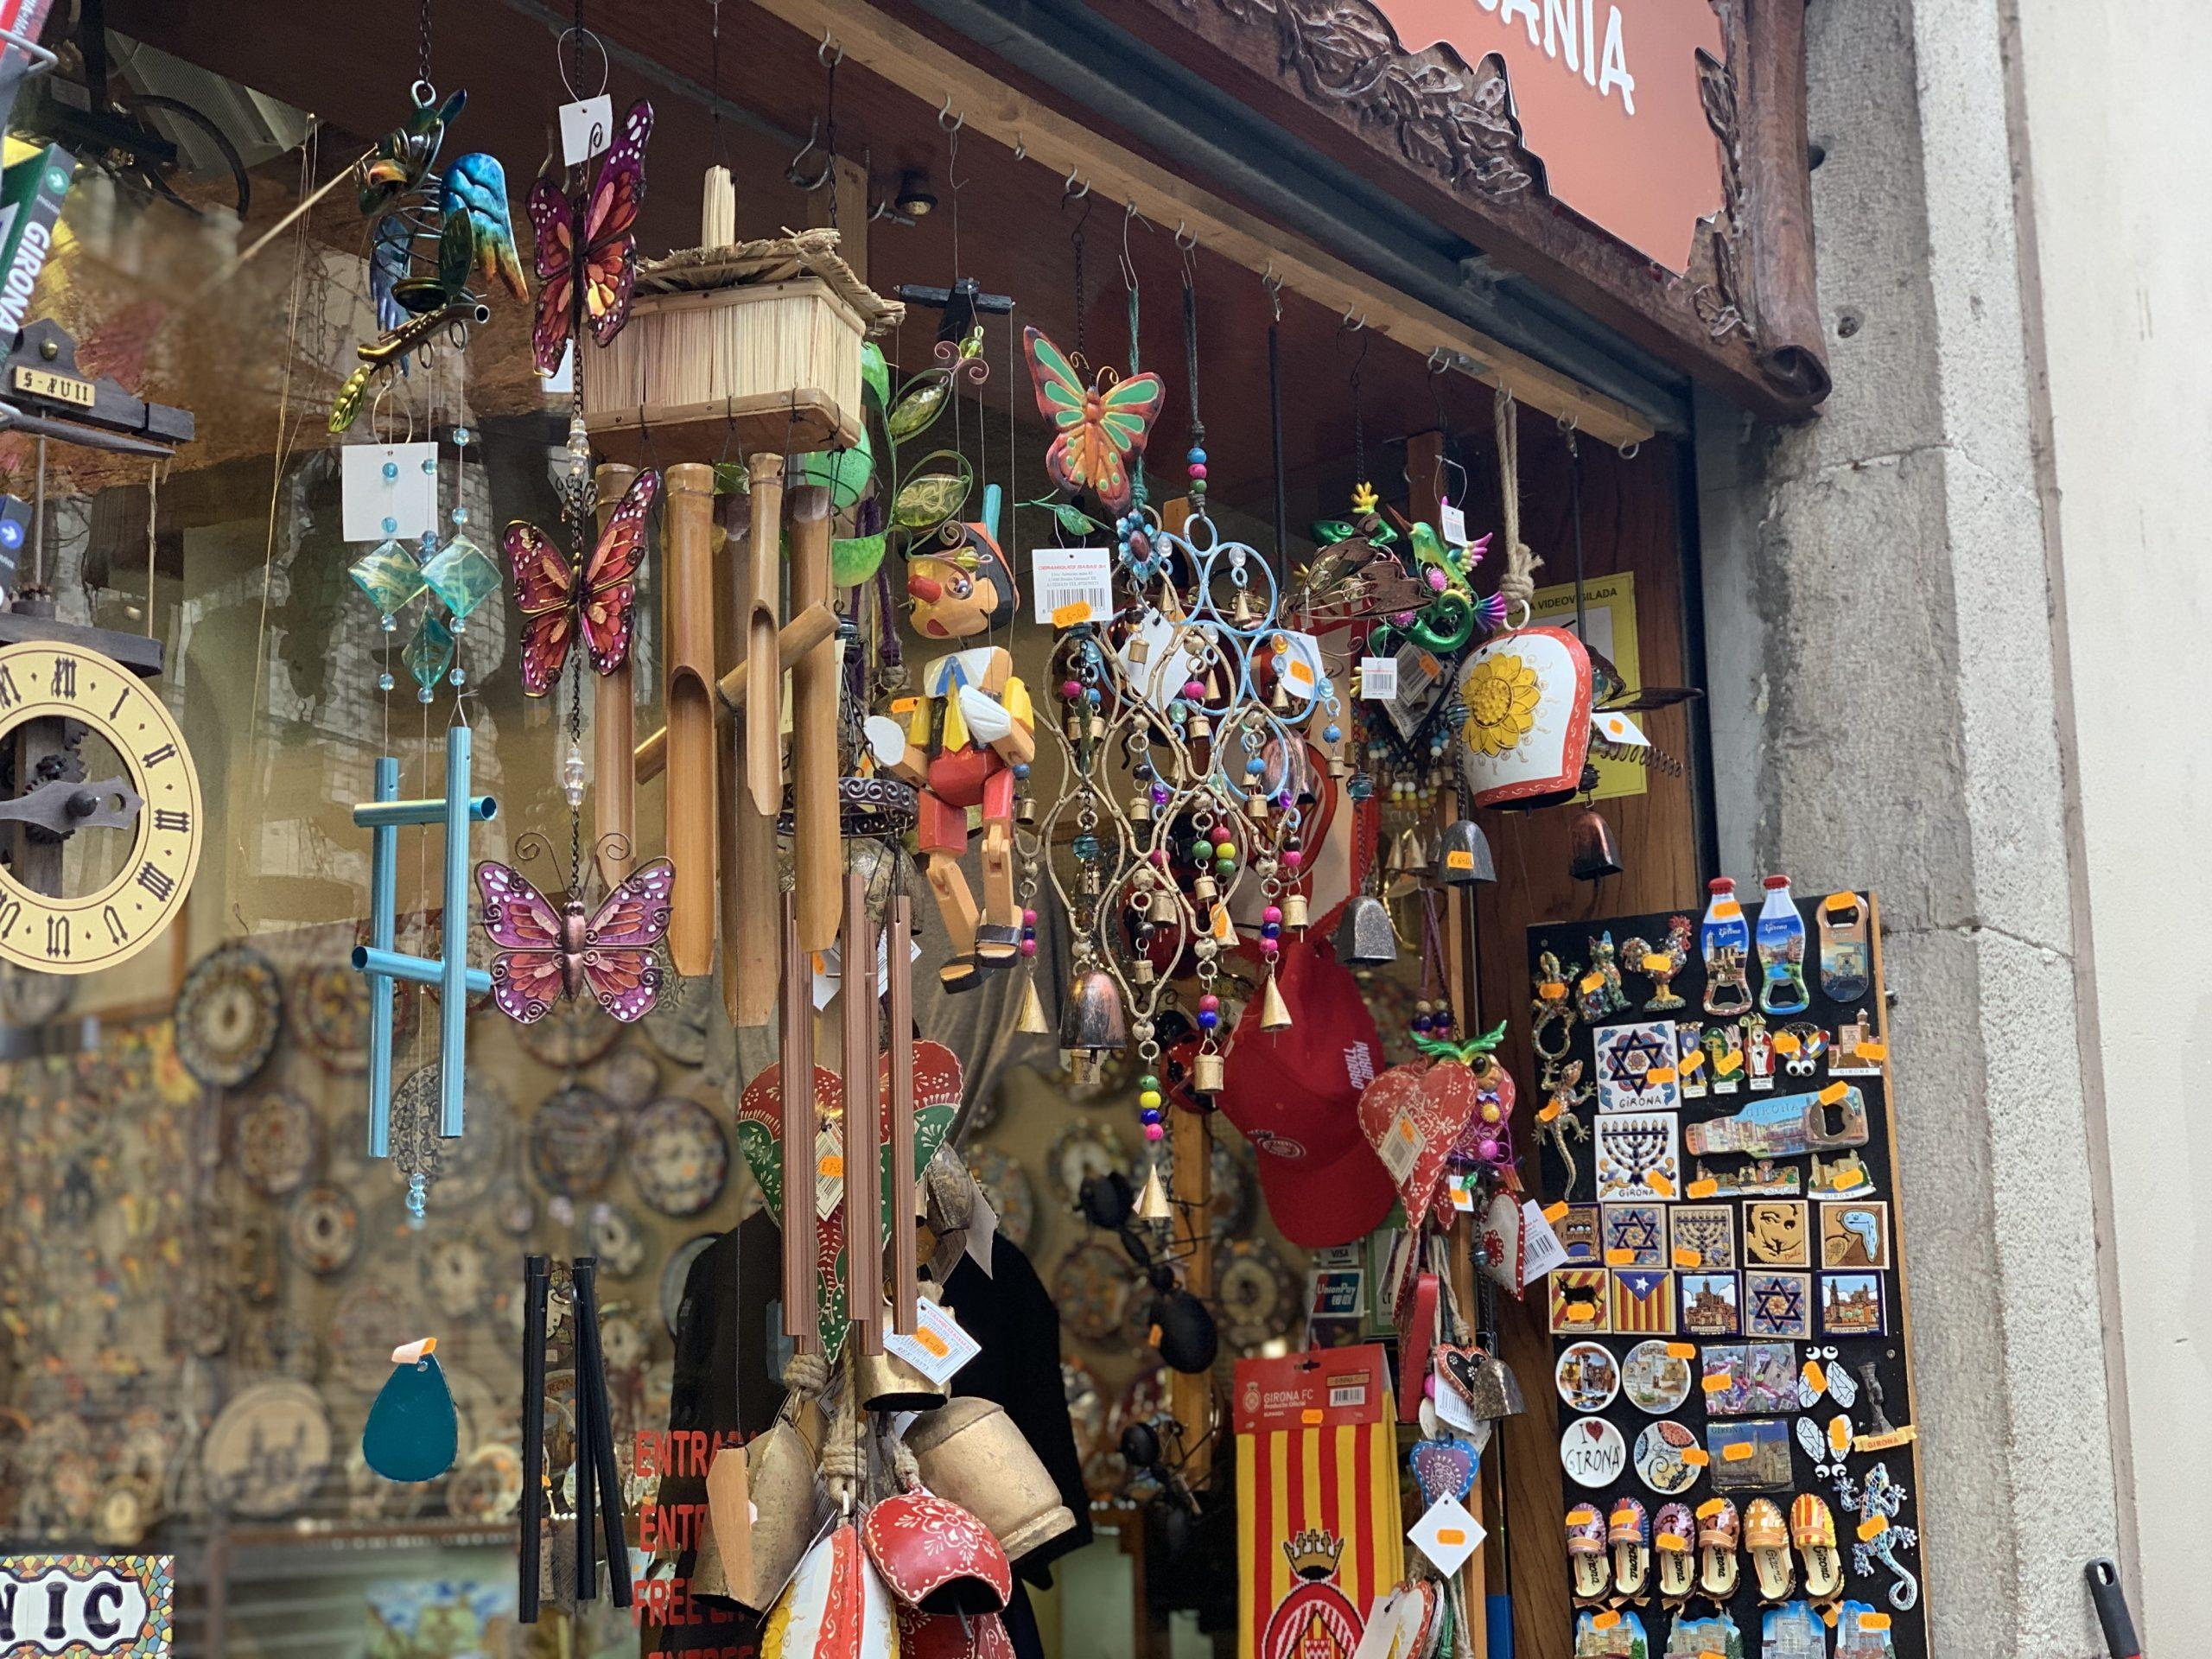 couleurs catalanes